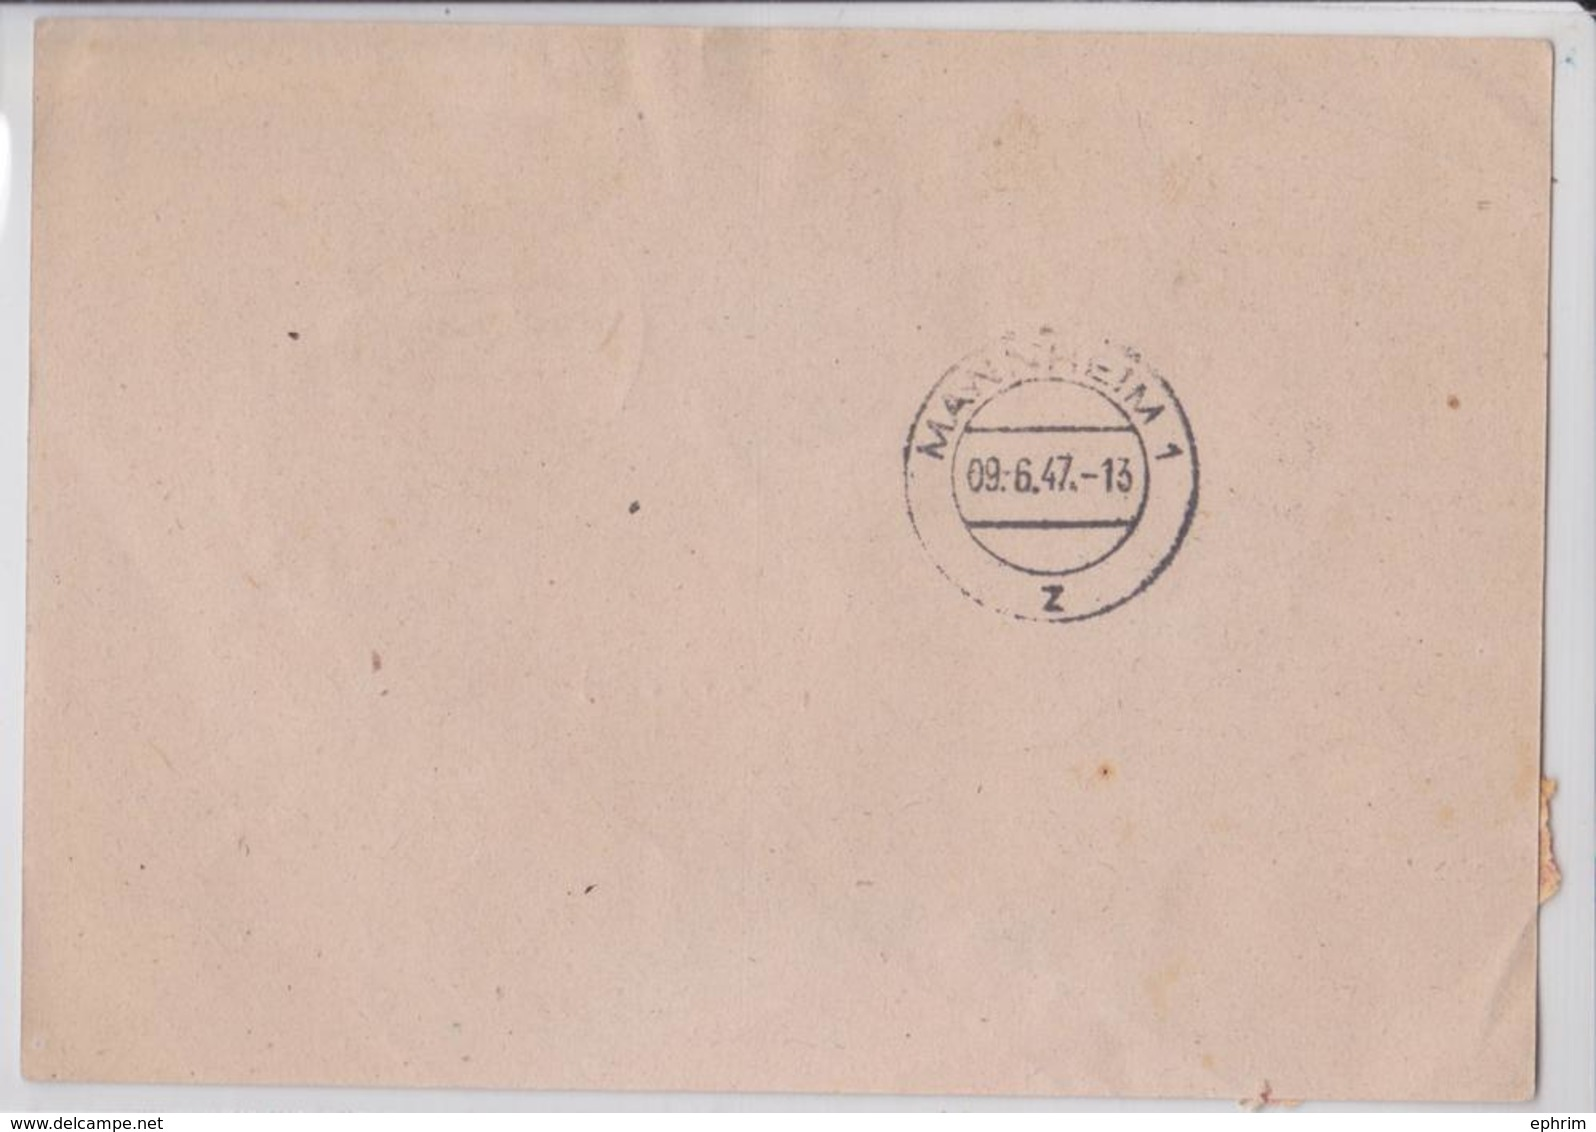 MANNHEIM EINSCHREIBEN POSTKARTE 09.06.1947 CARTE POSTALE VIGNETTE RECOMMANDEE REGISTERED LABEL POSTCARD - Allemagne